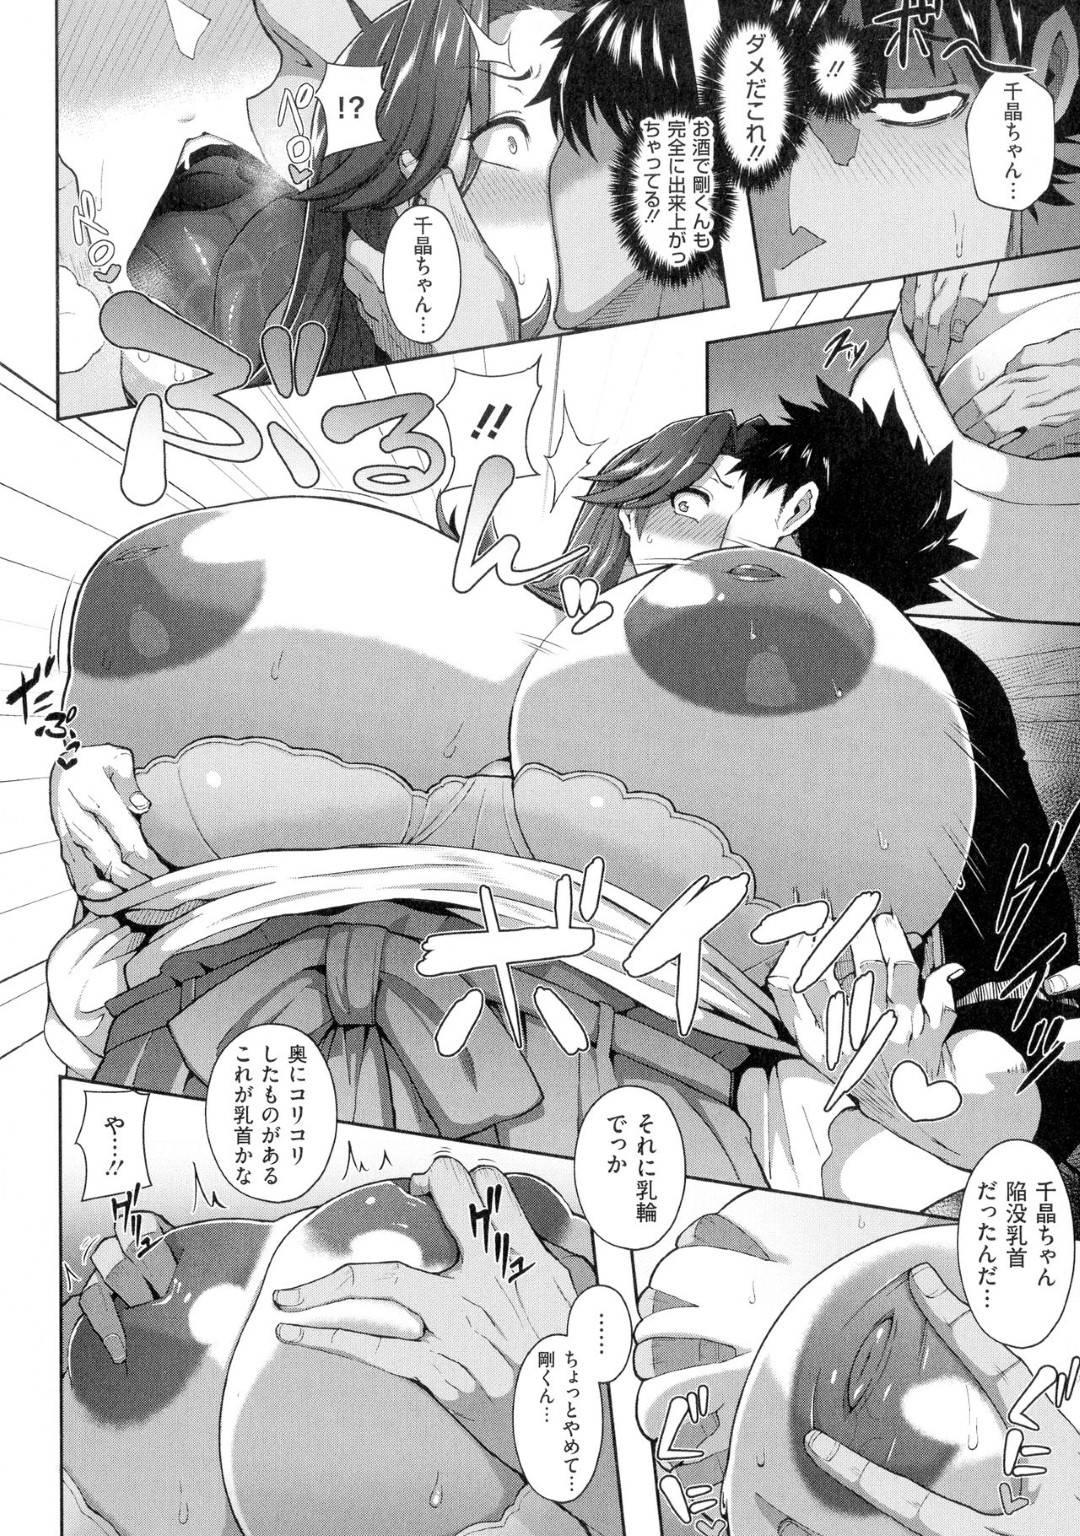 【エロ漫画】近所の爆乳お姉さんな三姉妹の三女の千晶と飲んでいる内にエッチな展開になった主人公。抵抗していた彼女だったが陥没乳首を責められたり、手マンされる内にスイッチが入って中出しセックスへと発展。